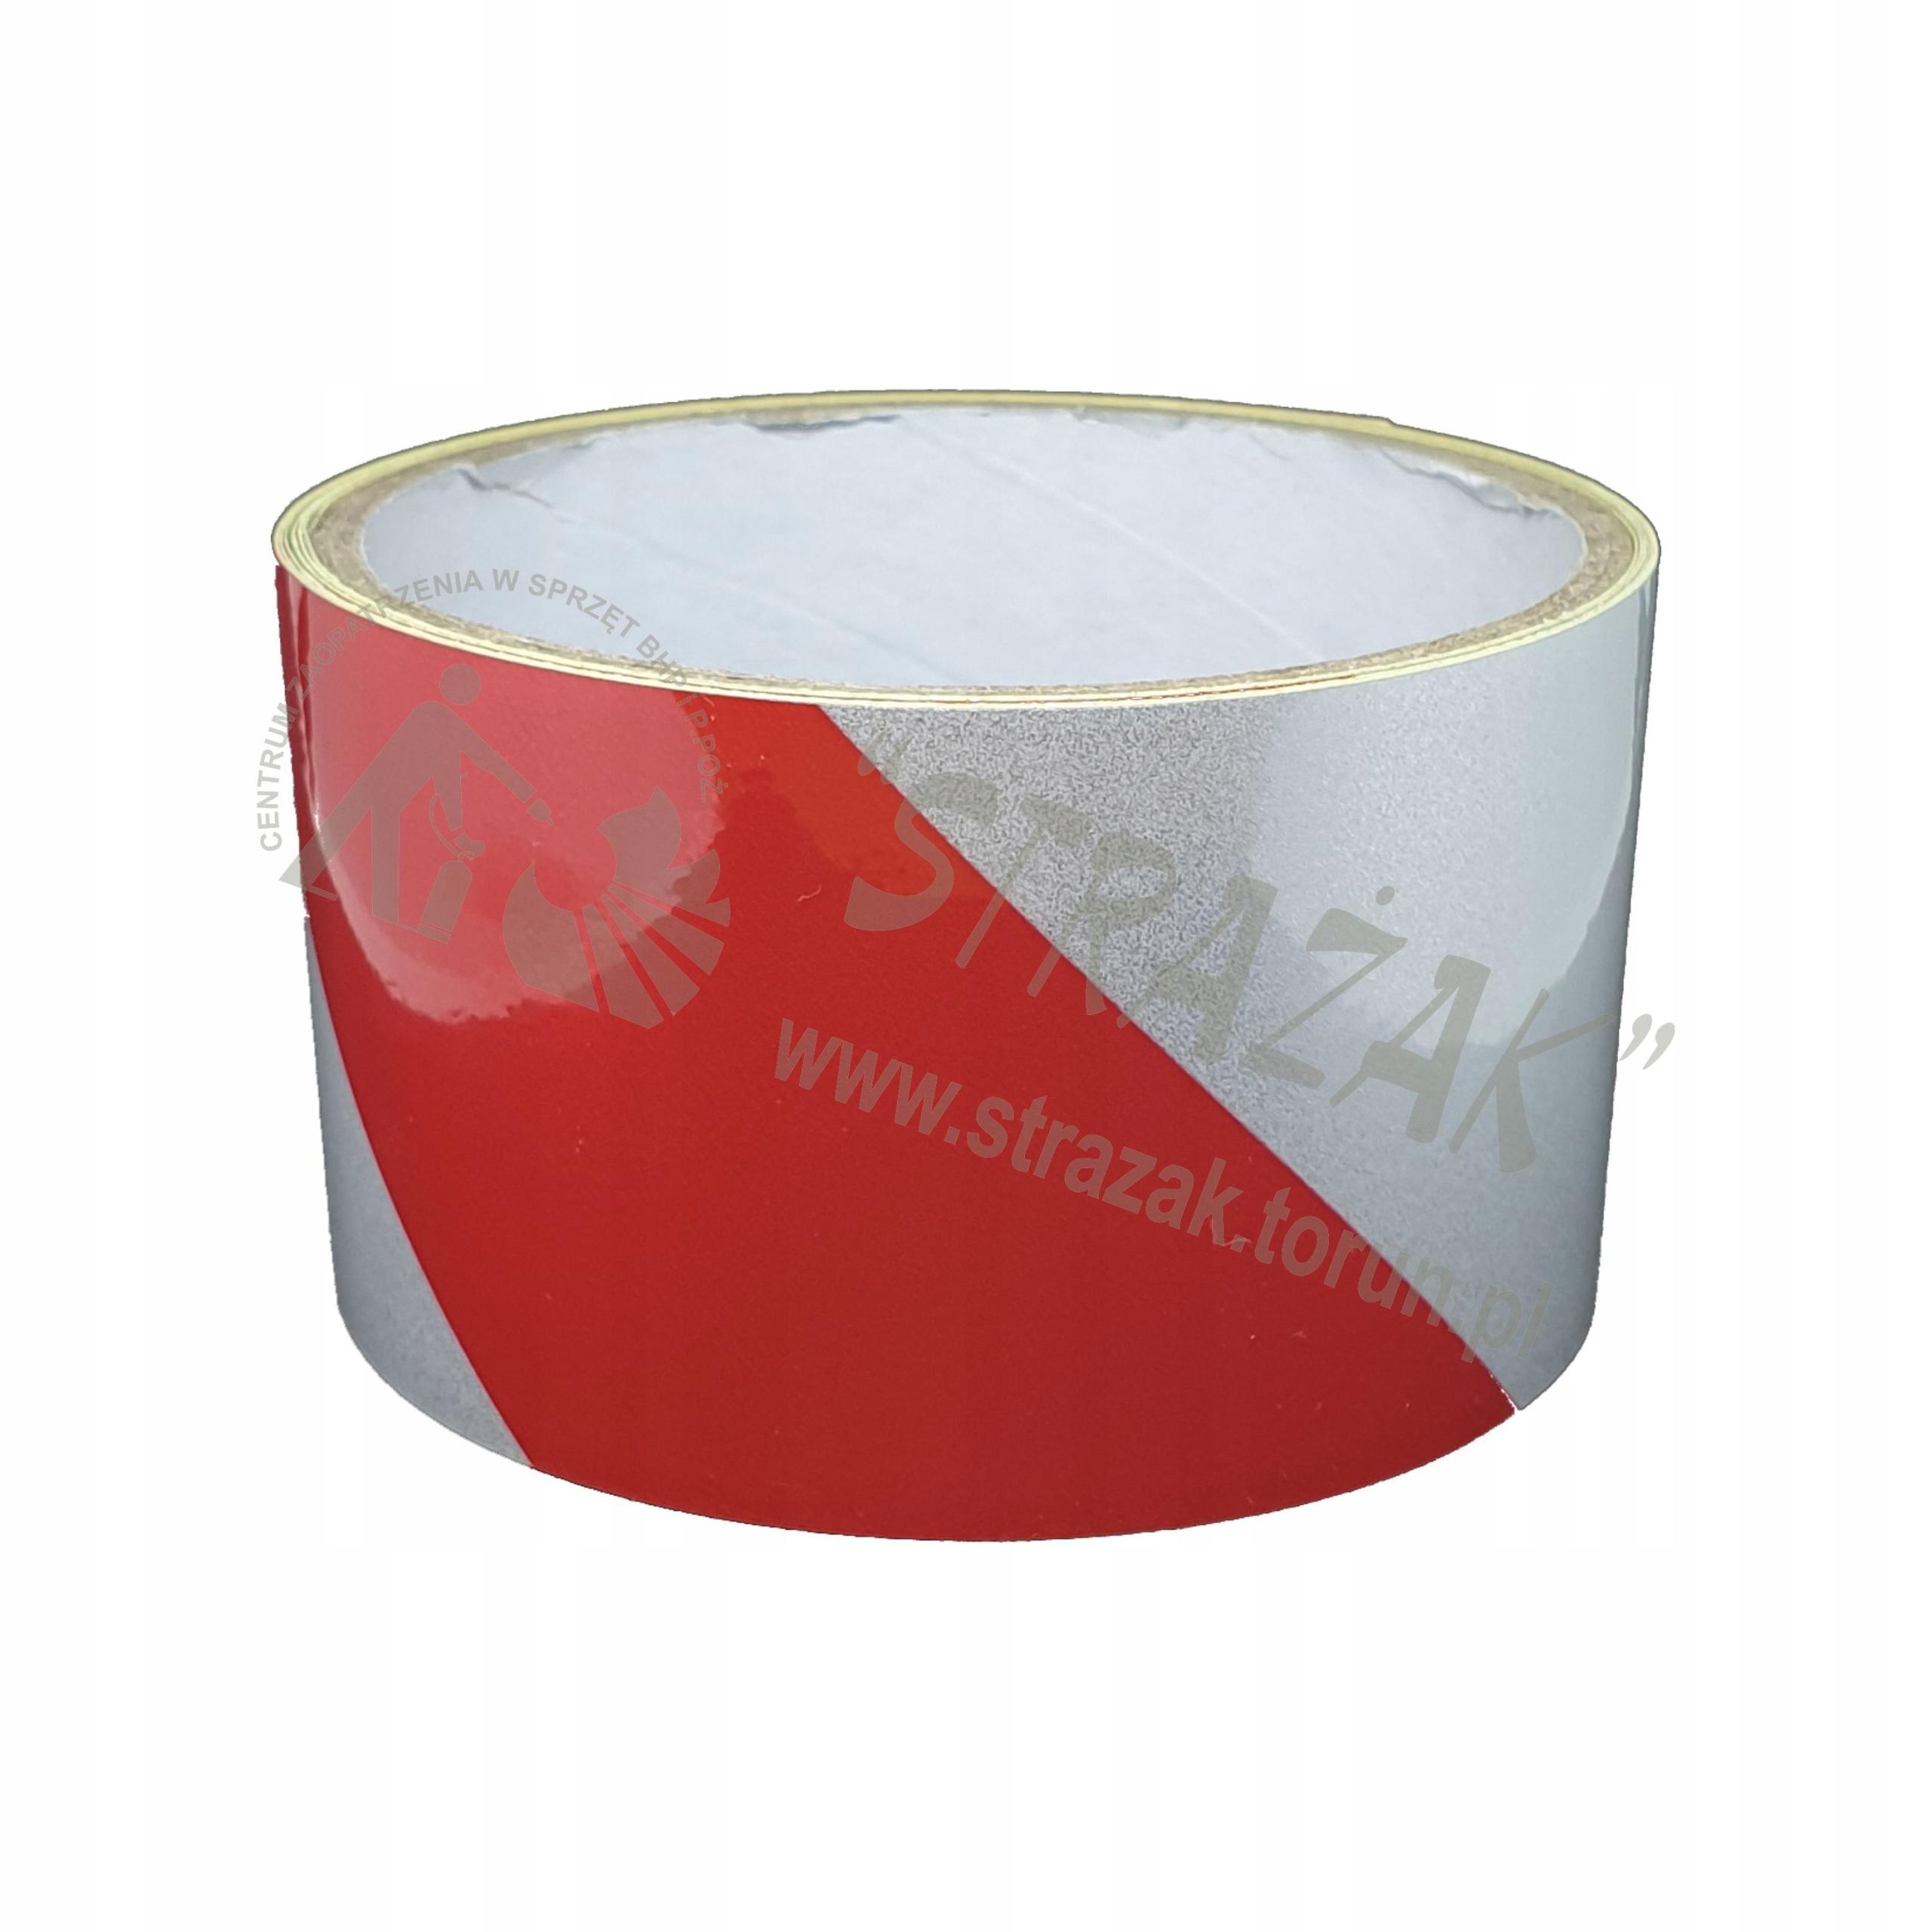 Светоотражающая лента 5cmx5m бело-красная